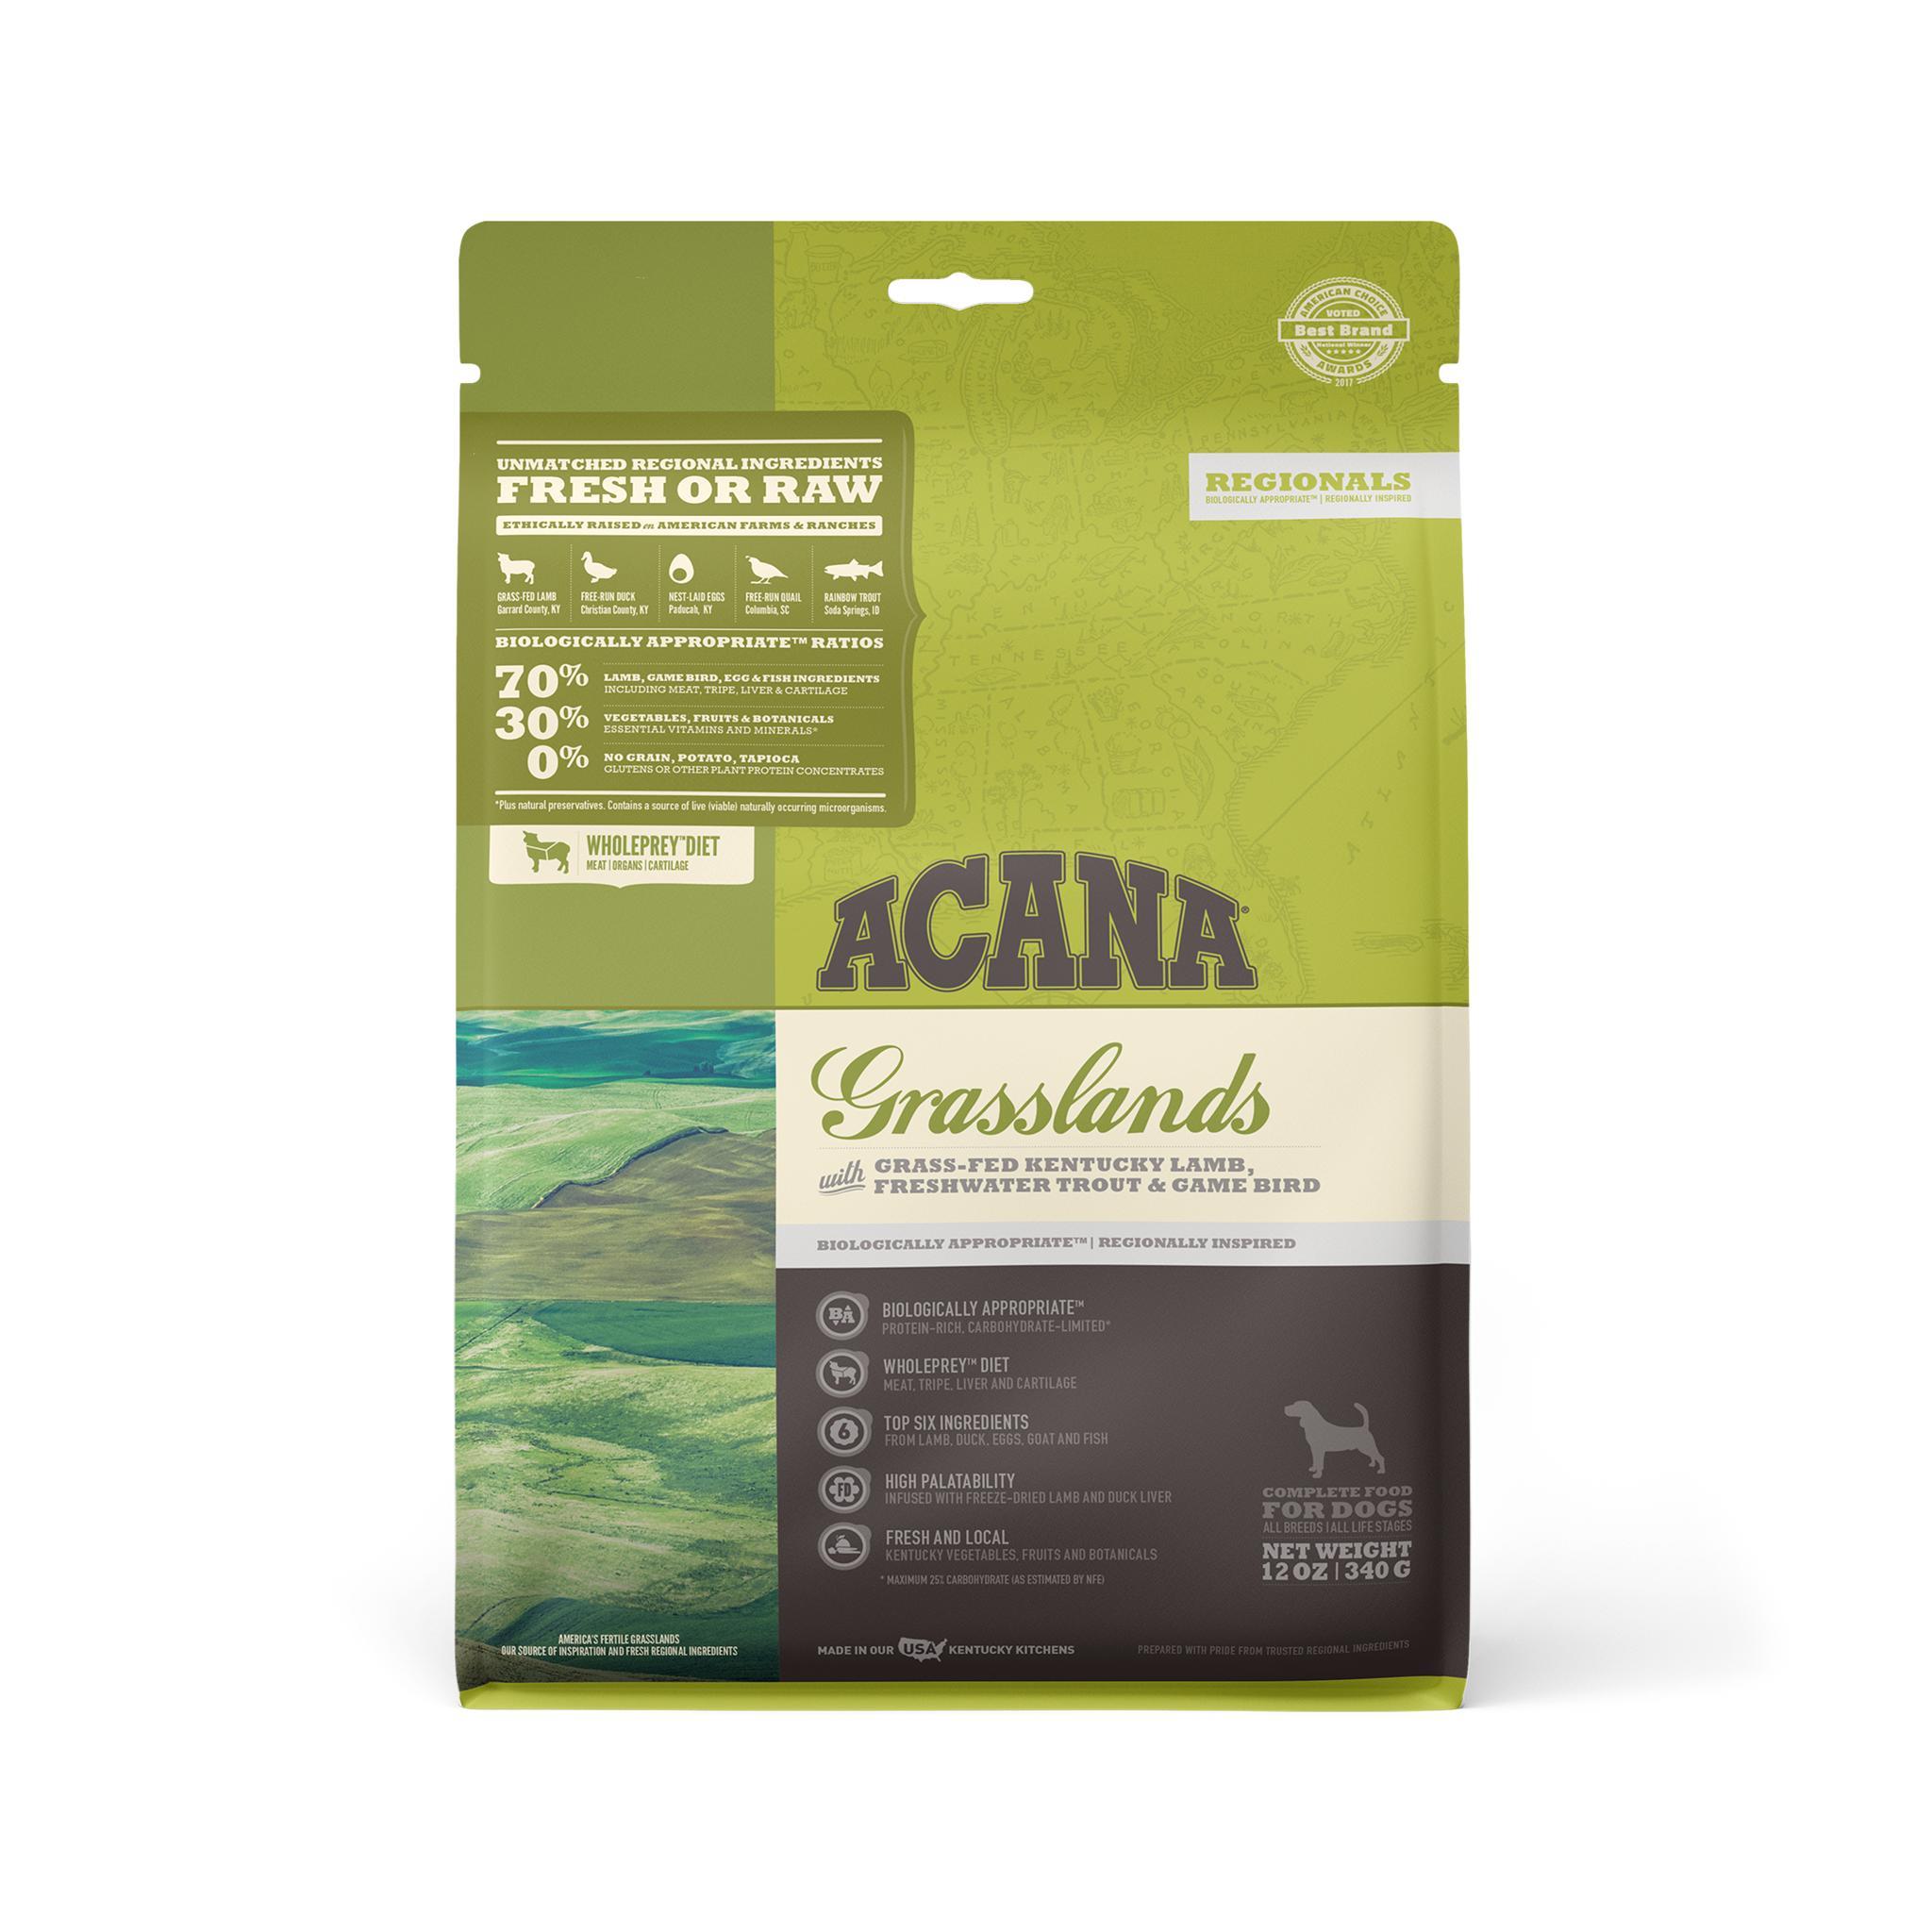 ACANA Regionals Grasslands Grain-Free Dry Dog Food, 12-oz